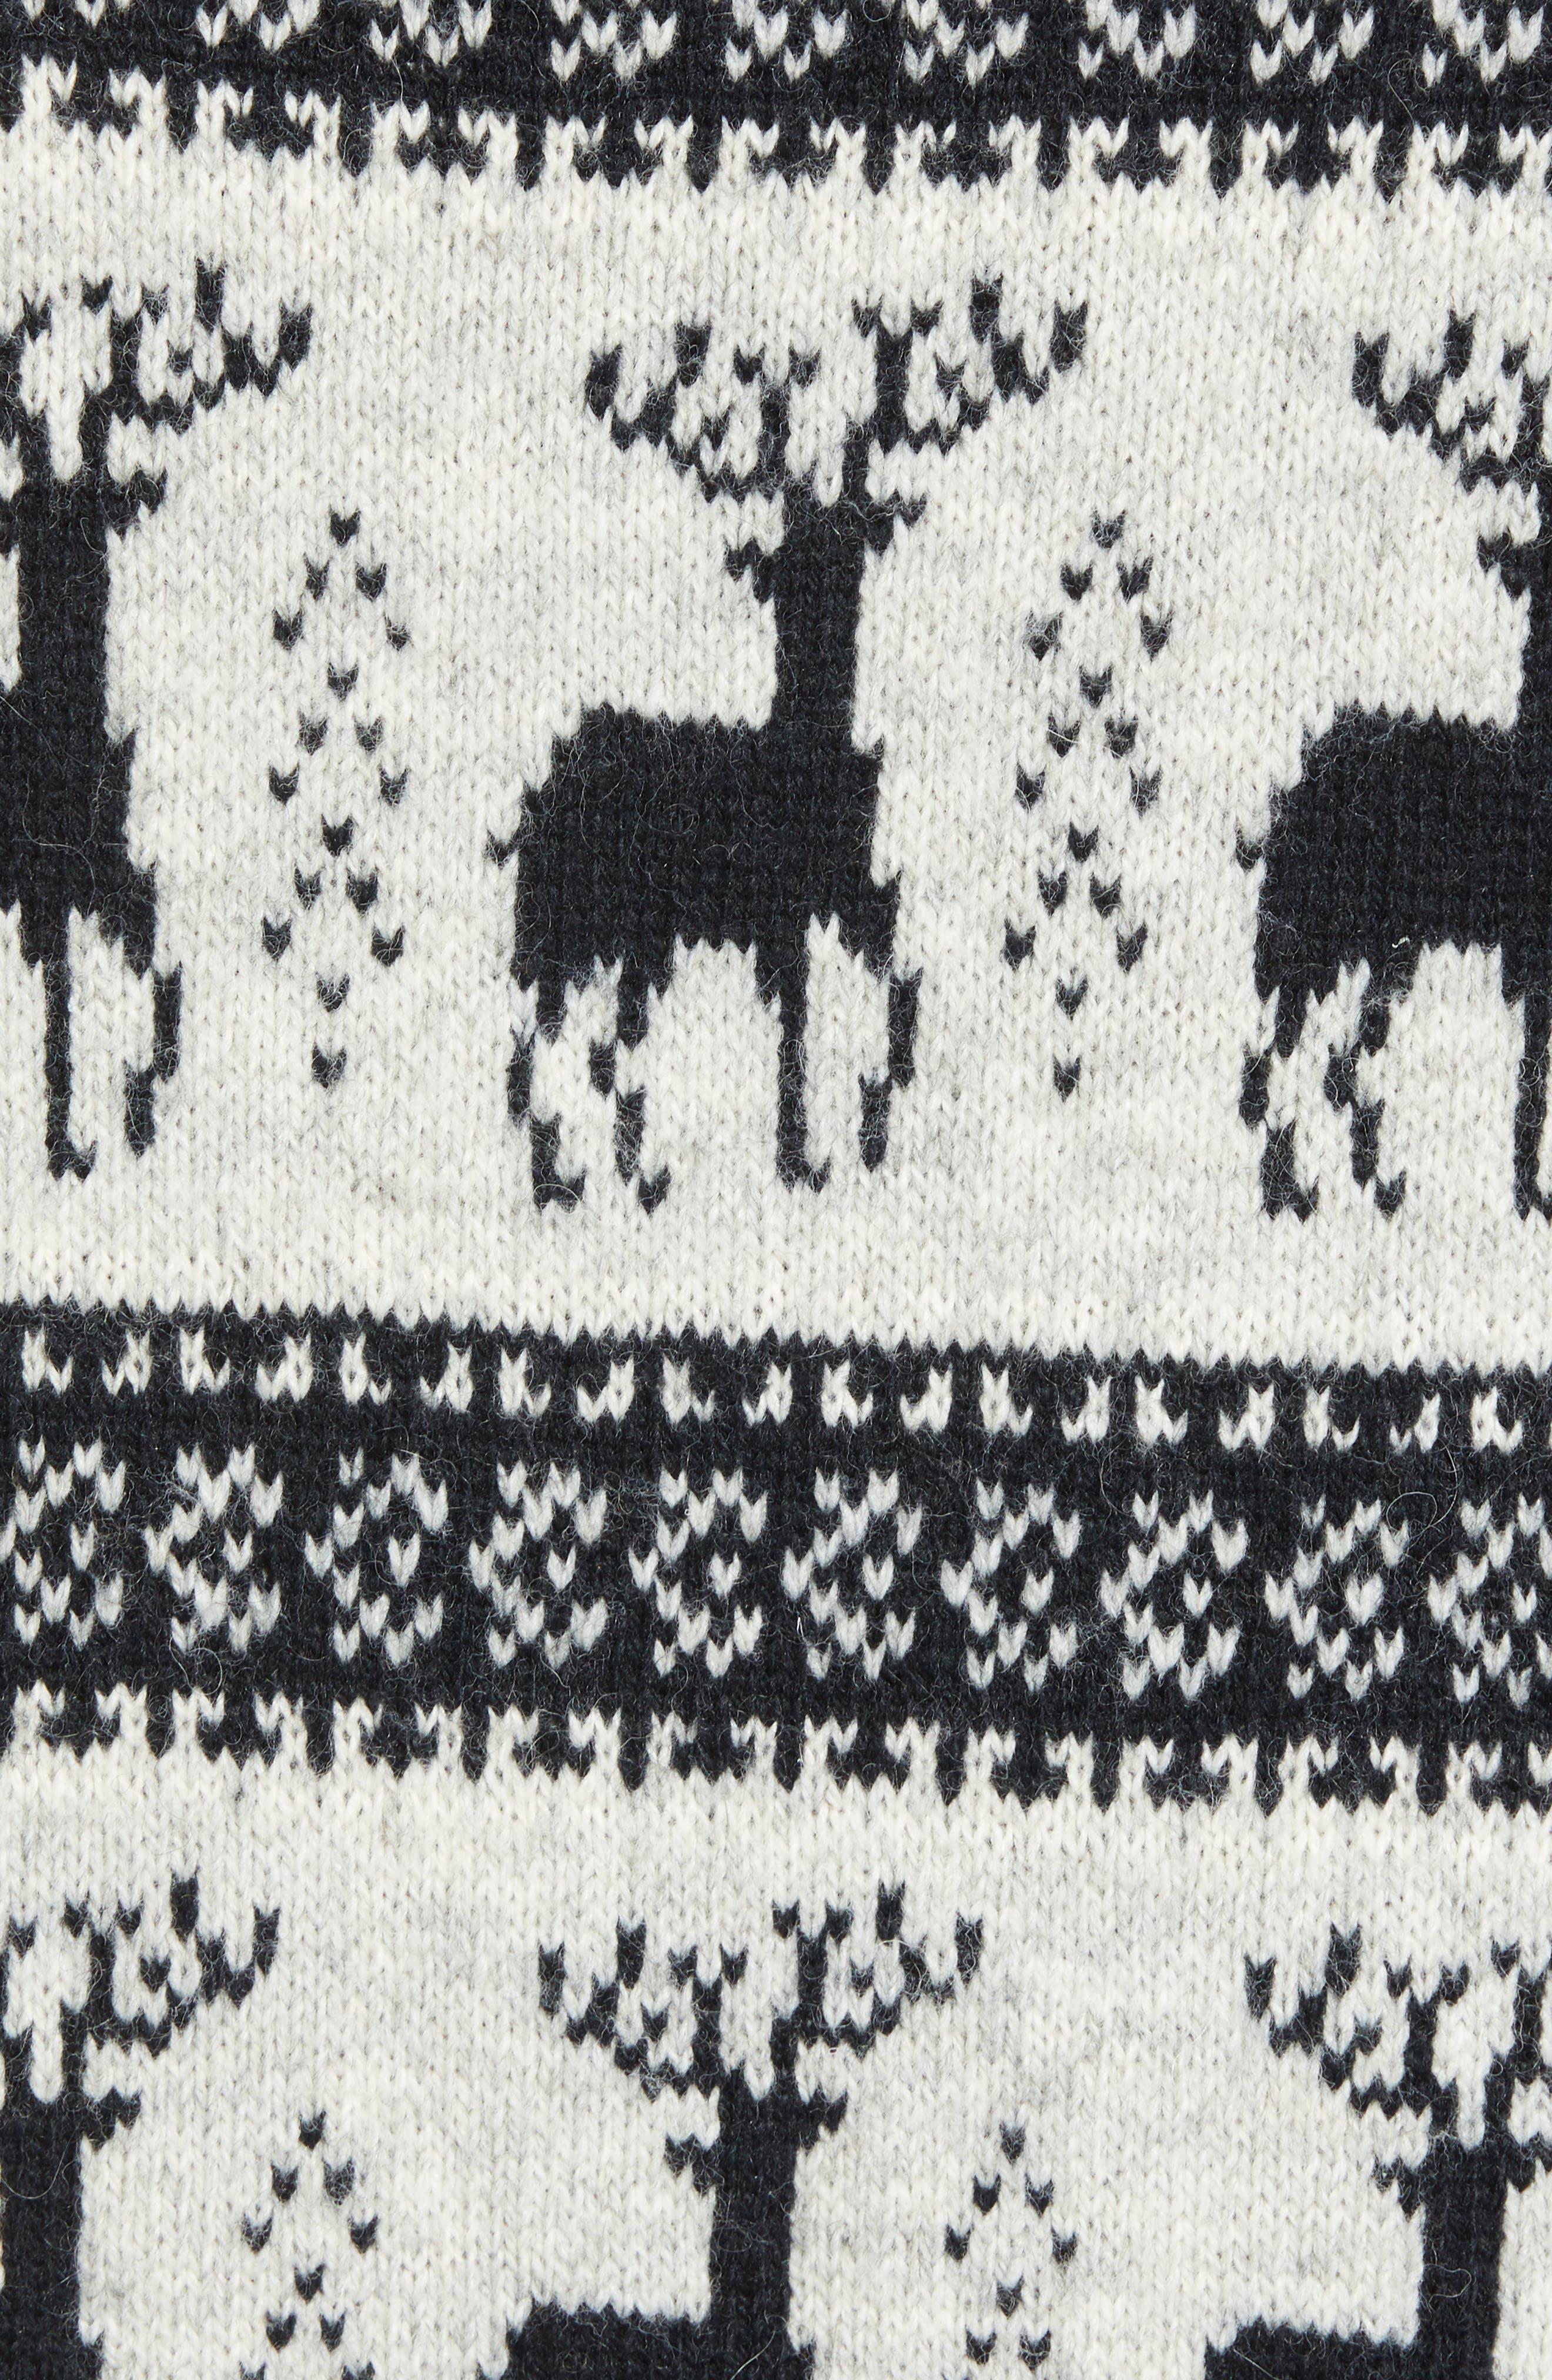 Cedar Slim Fit Crewneck Sweater,                             Alternate thumbnail 5, color,                             LIGHT HEATHER GREY